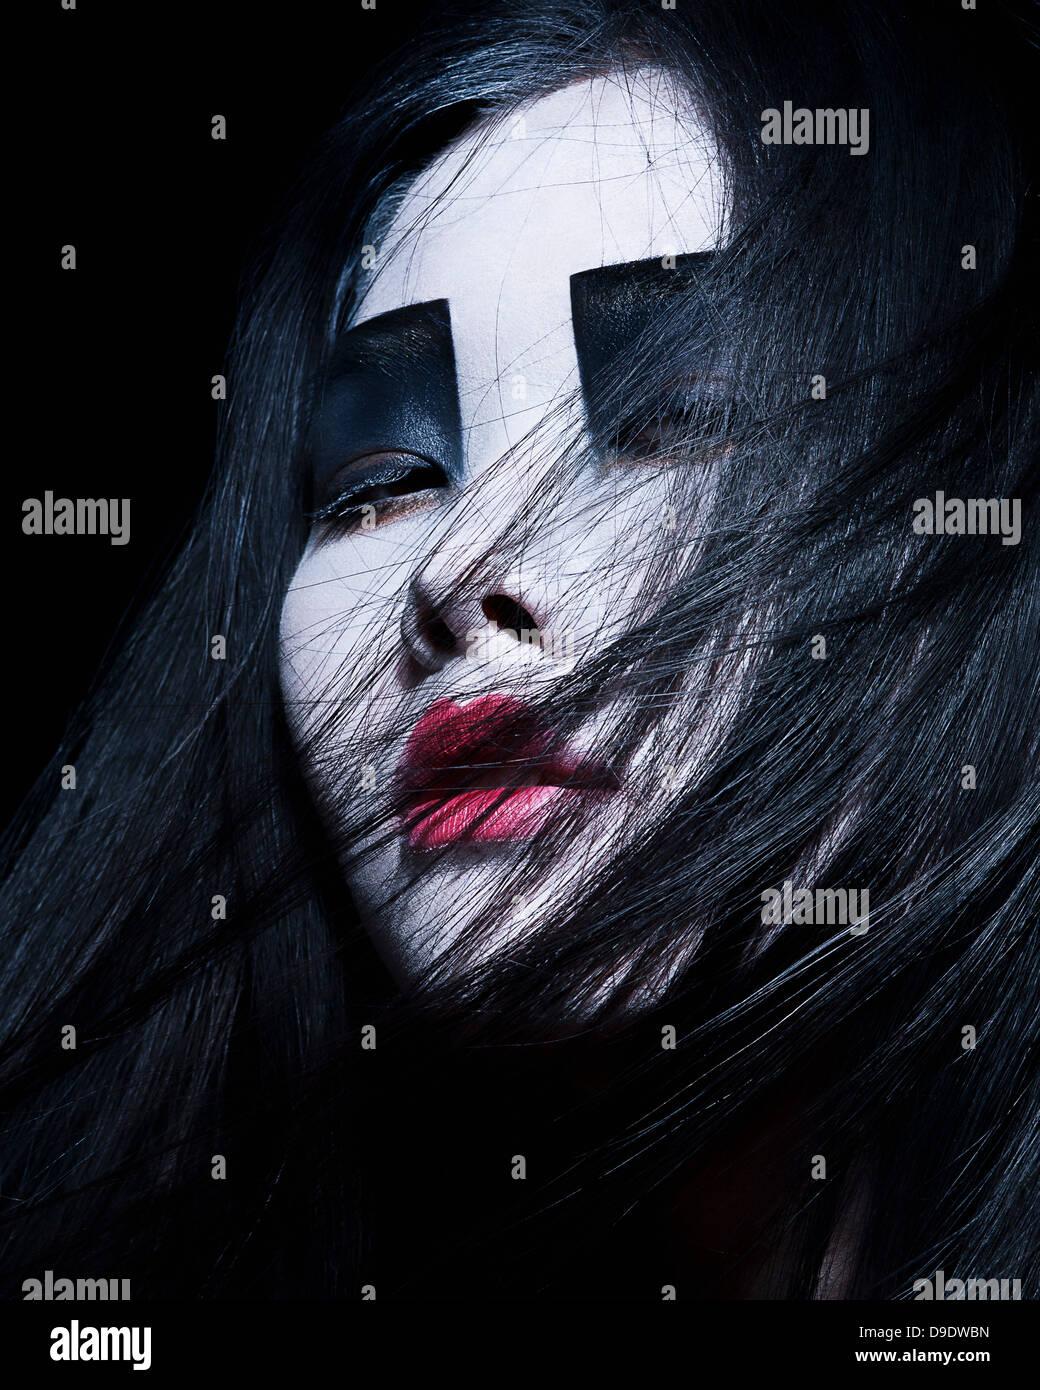 Junge Frau mit dramatischen Make-up, schwarzen Lidschatten Stockbild